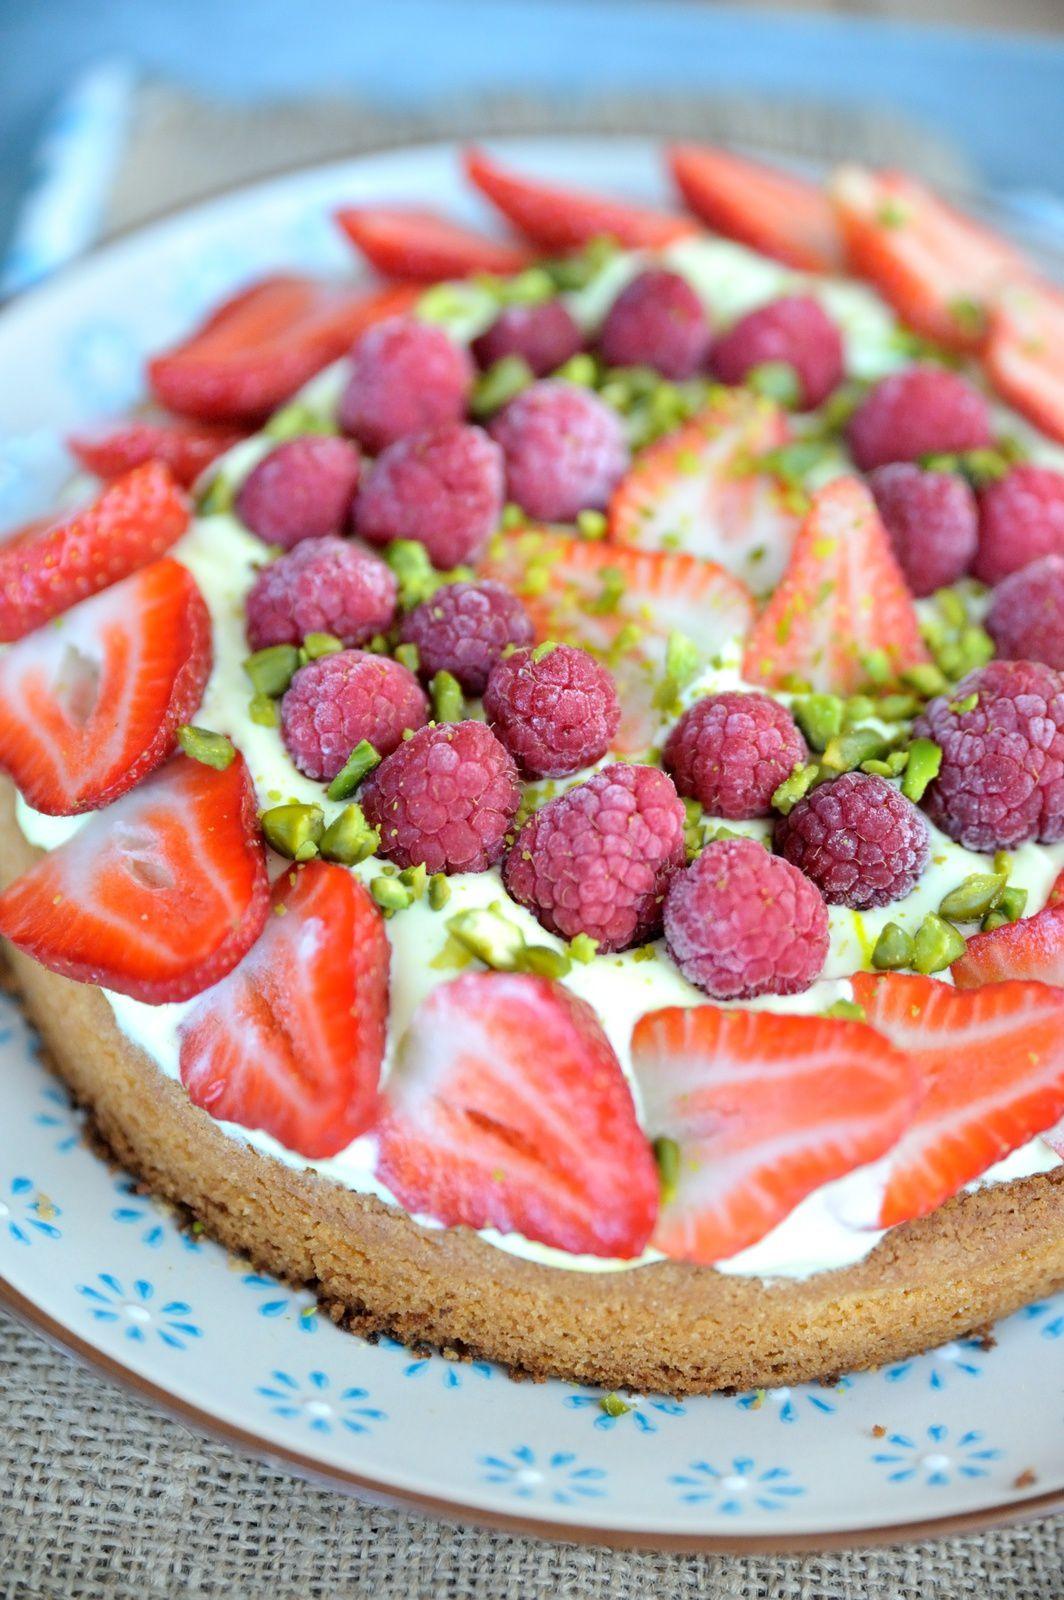 Tarte aux fraises & framboises sur palet breton & crème pistache